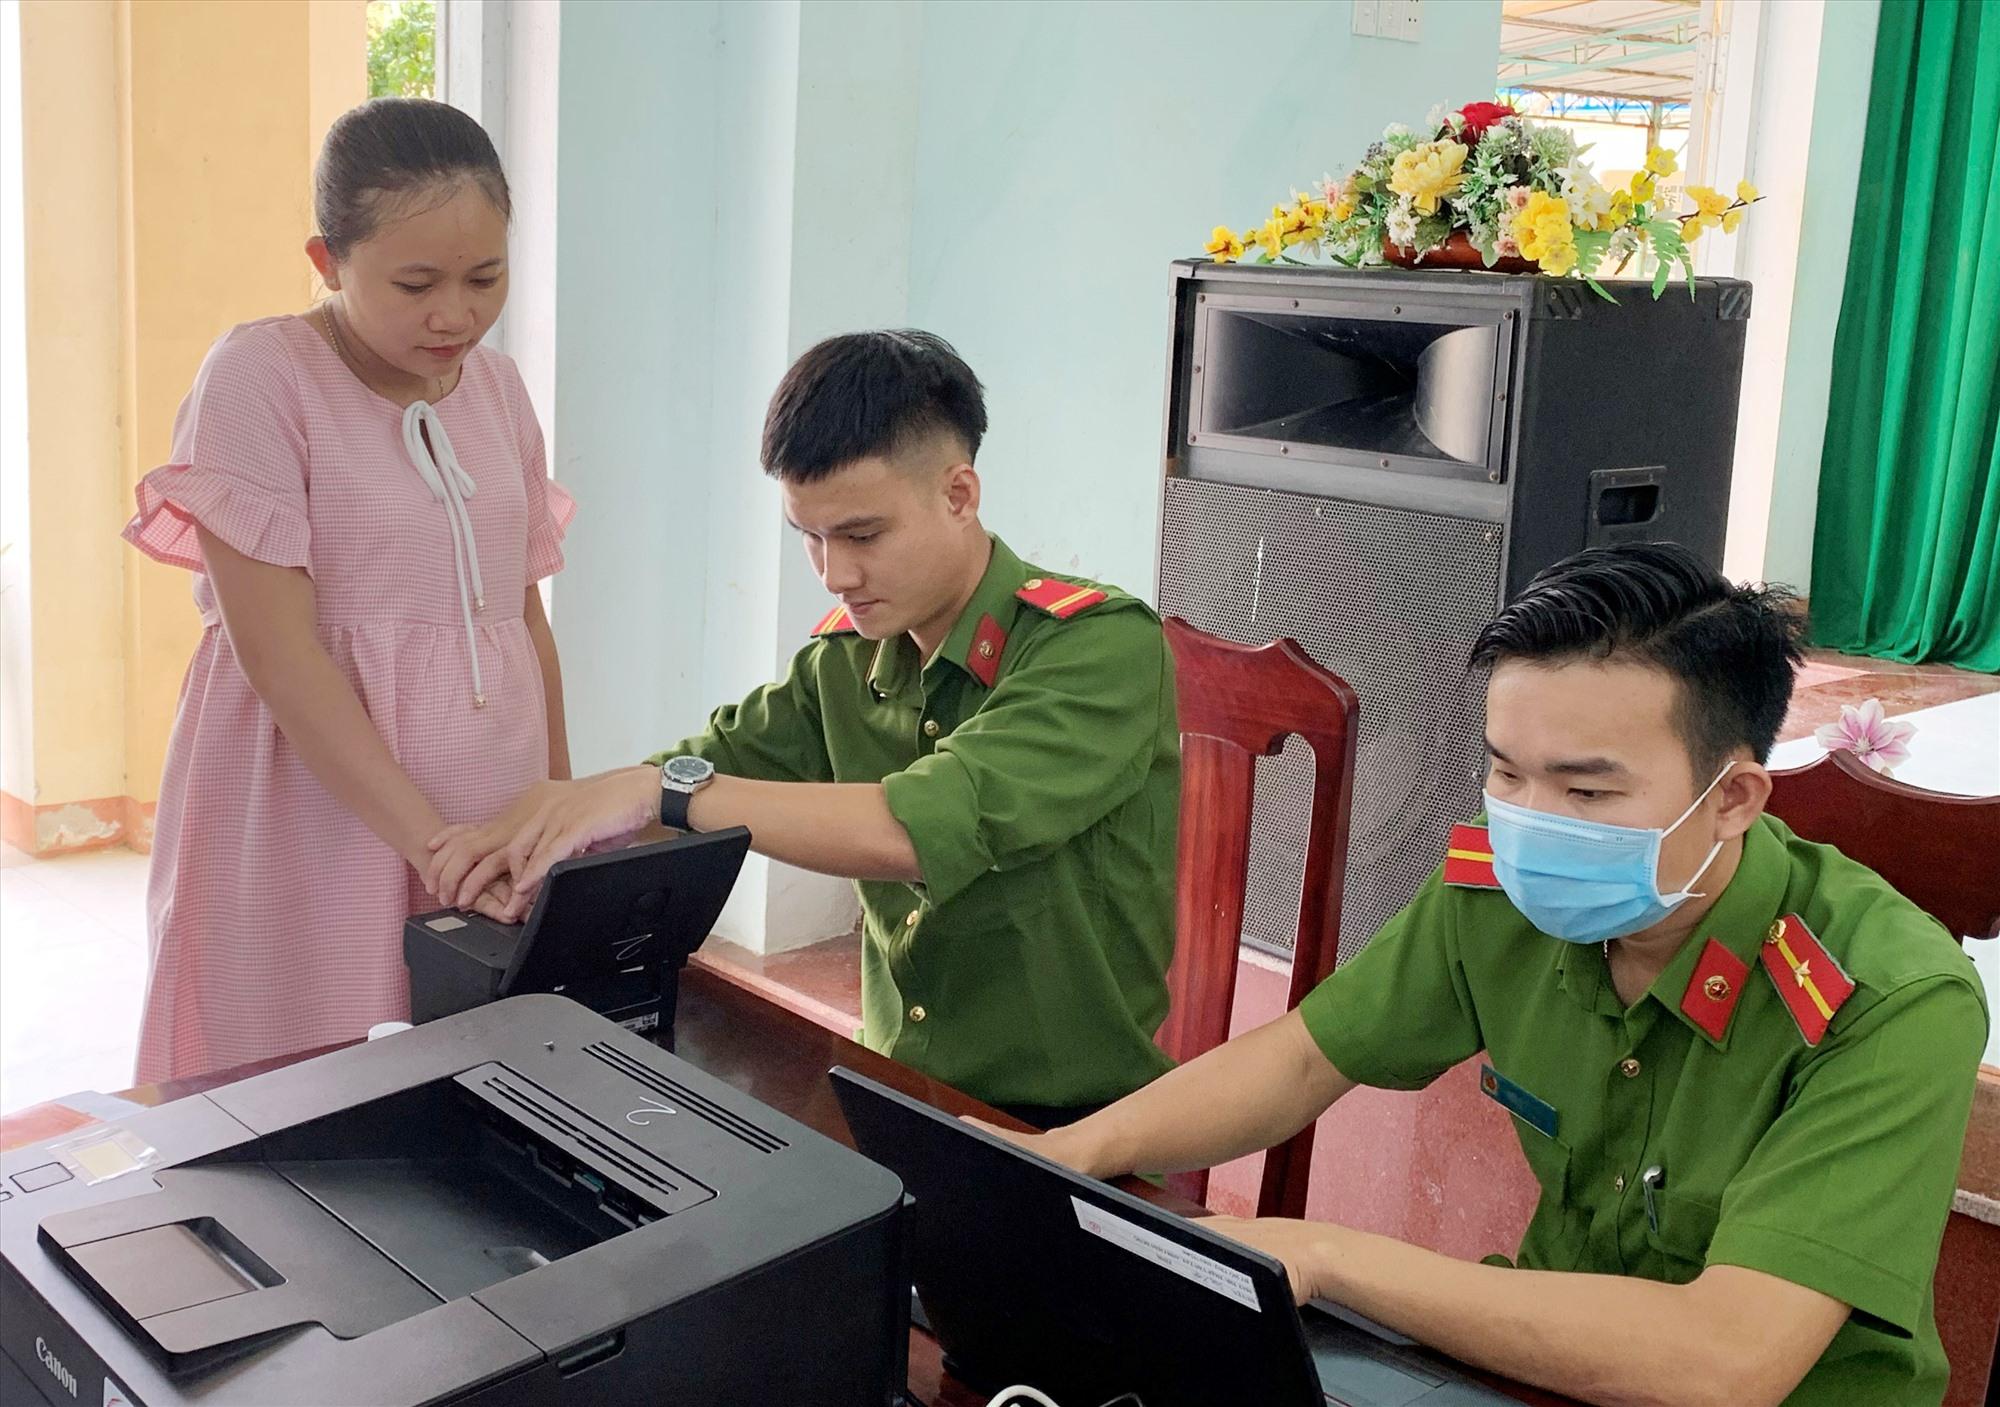 Lực lượng Công an huyện Duy Xuyên làm thủ tục cấp CCCD cho giáo viên và học sinh Trường THCS Phù Đổng. Ảnh: T.L